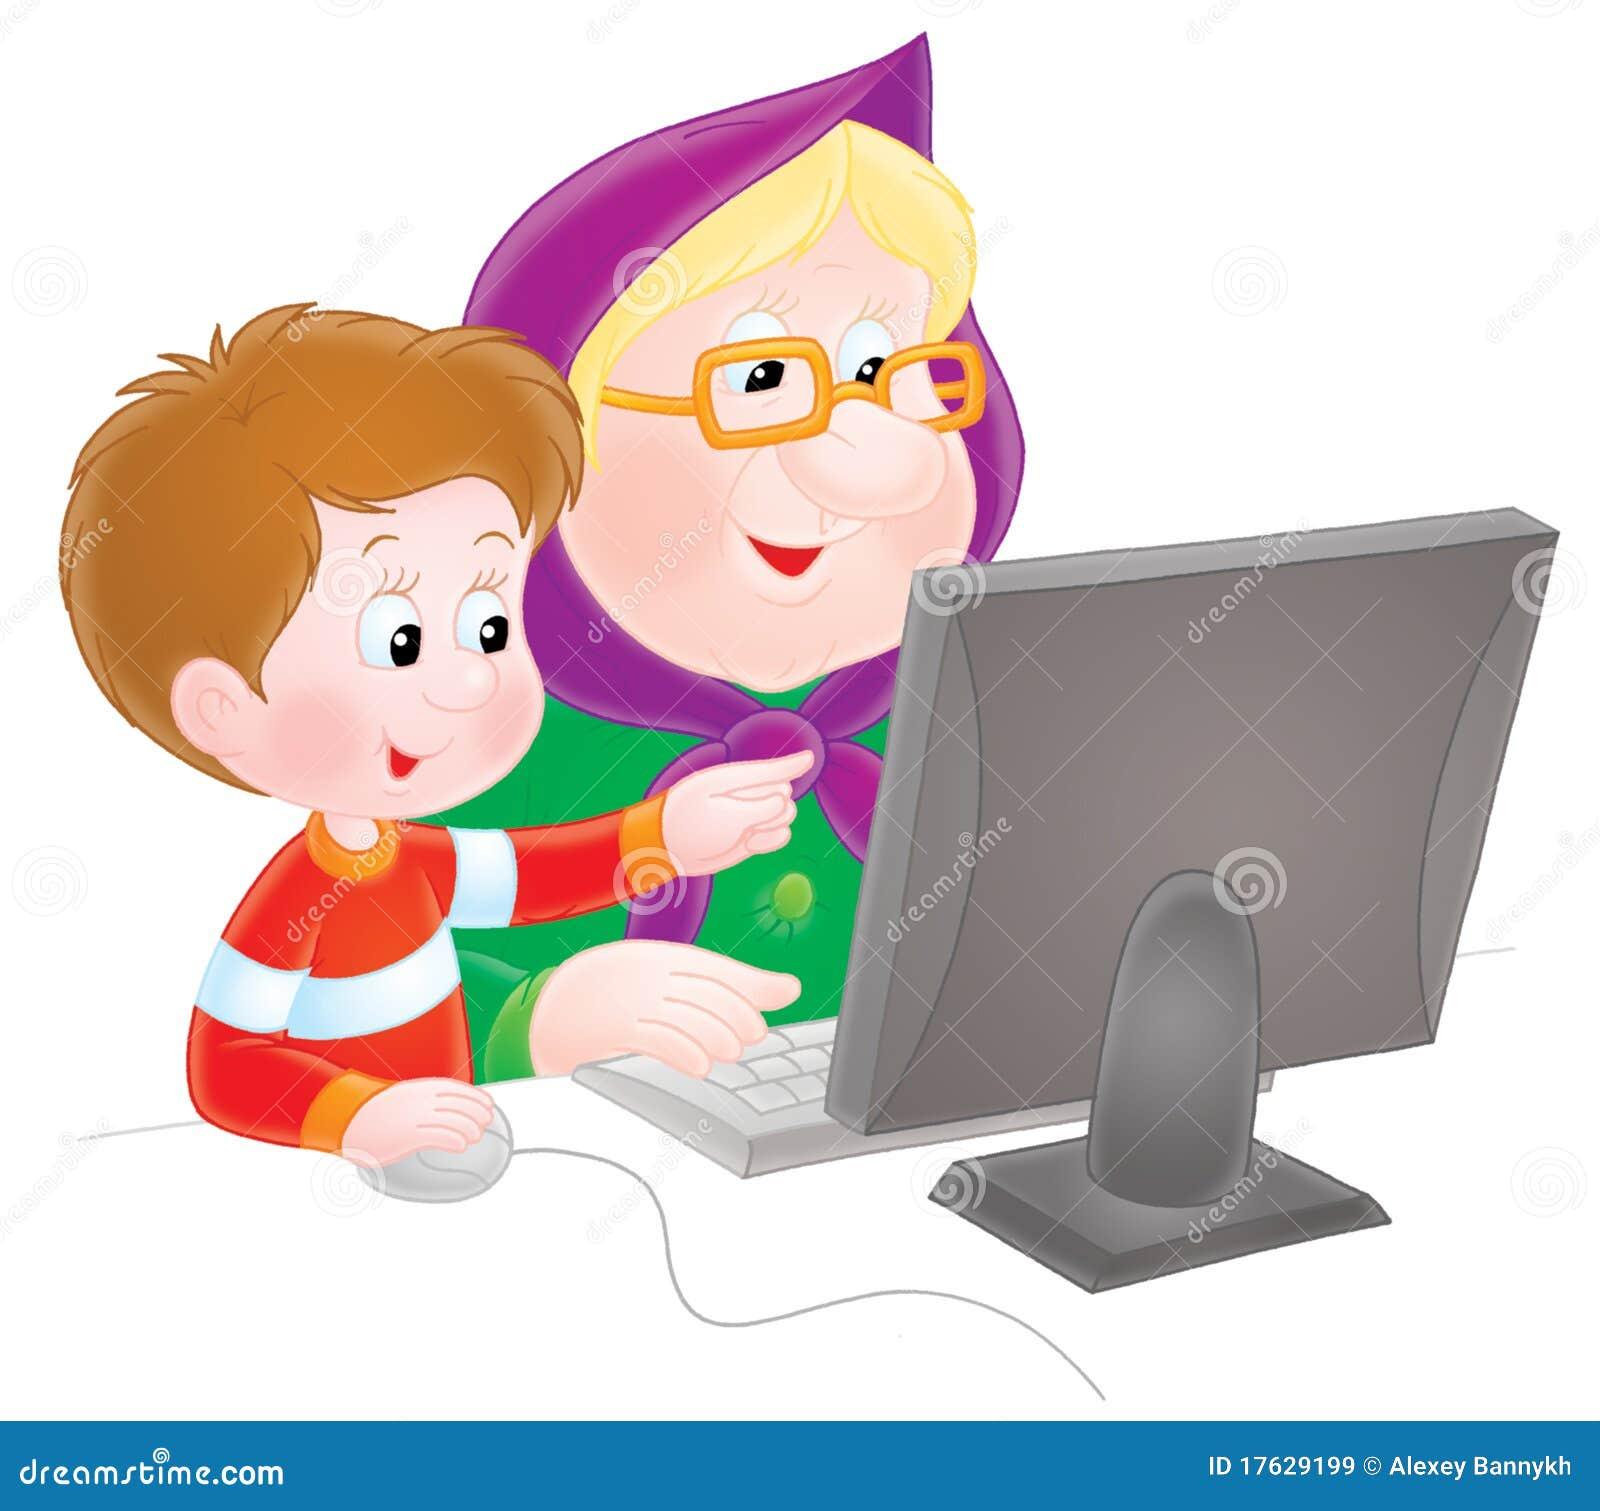 Бабка и внук бесплатно фото 273-282